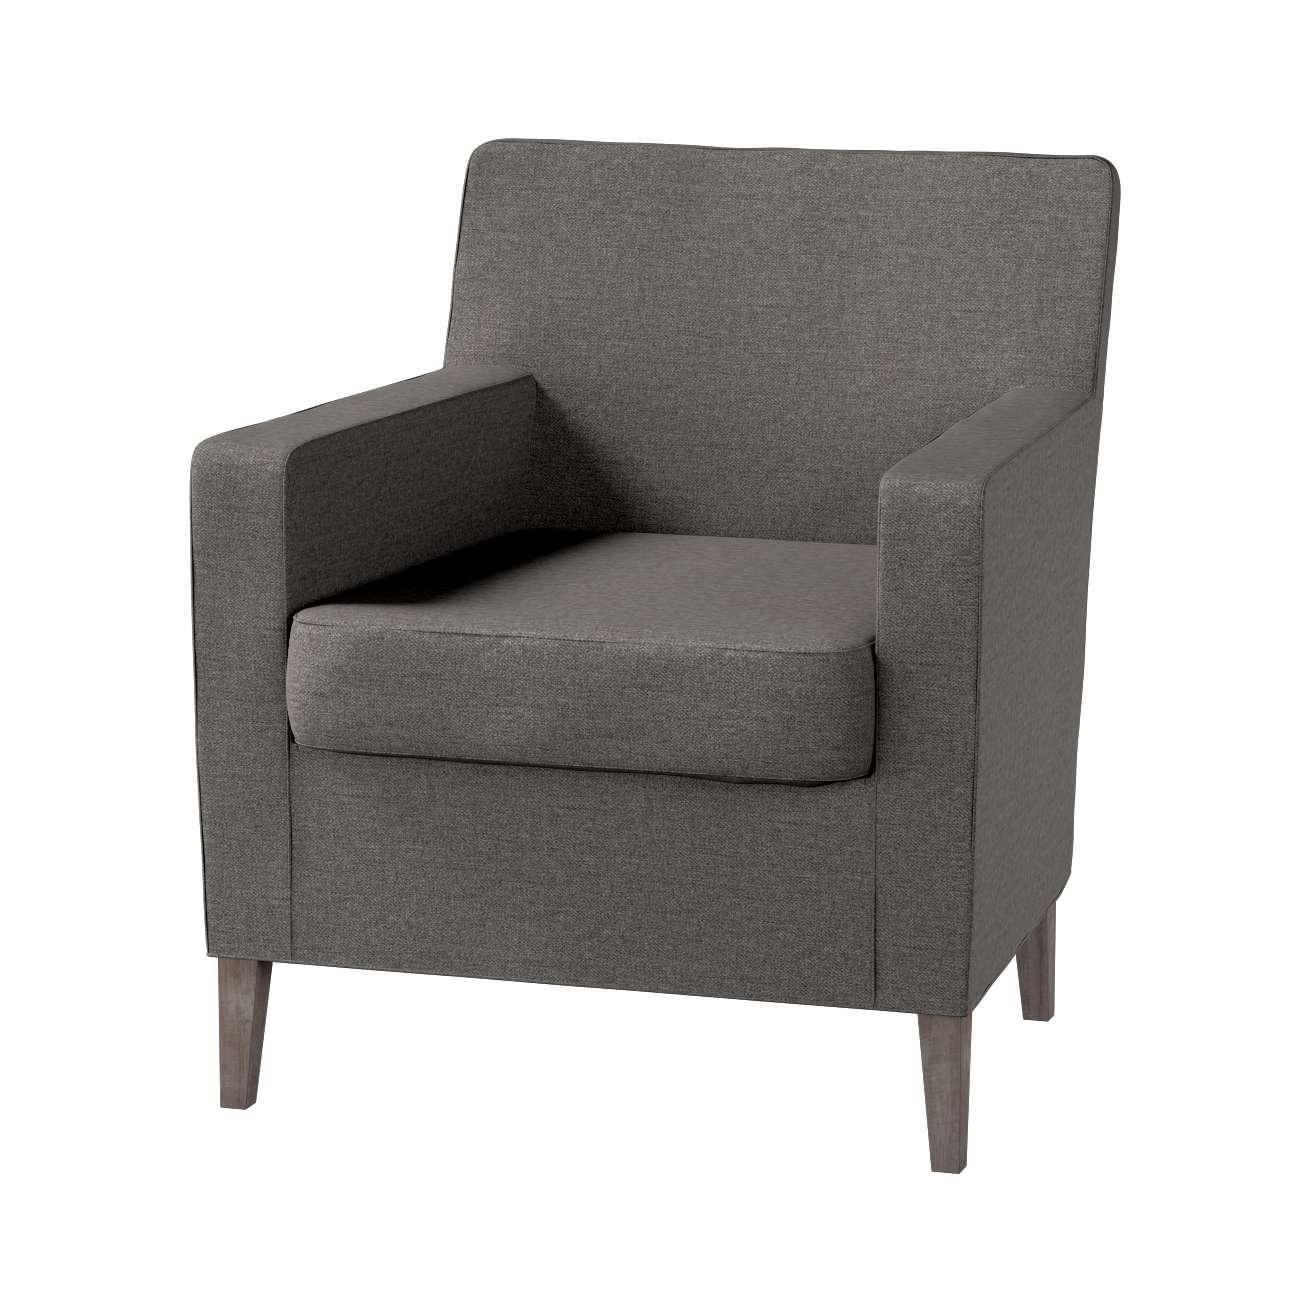 Karlstad fotelio-kėdės užvalkalas Karlstad fotelio - kėdės užvalkalas kolekcijoje Edinburgh , audinys: 115-77